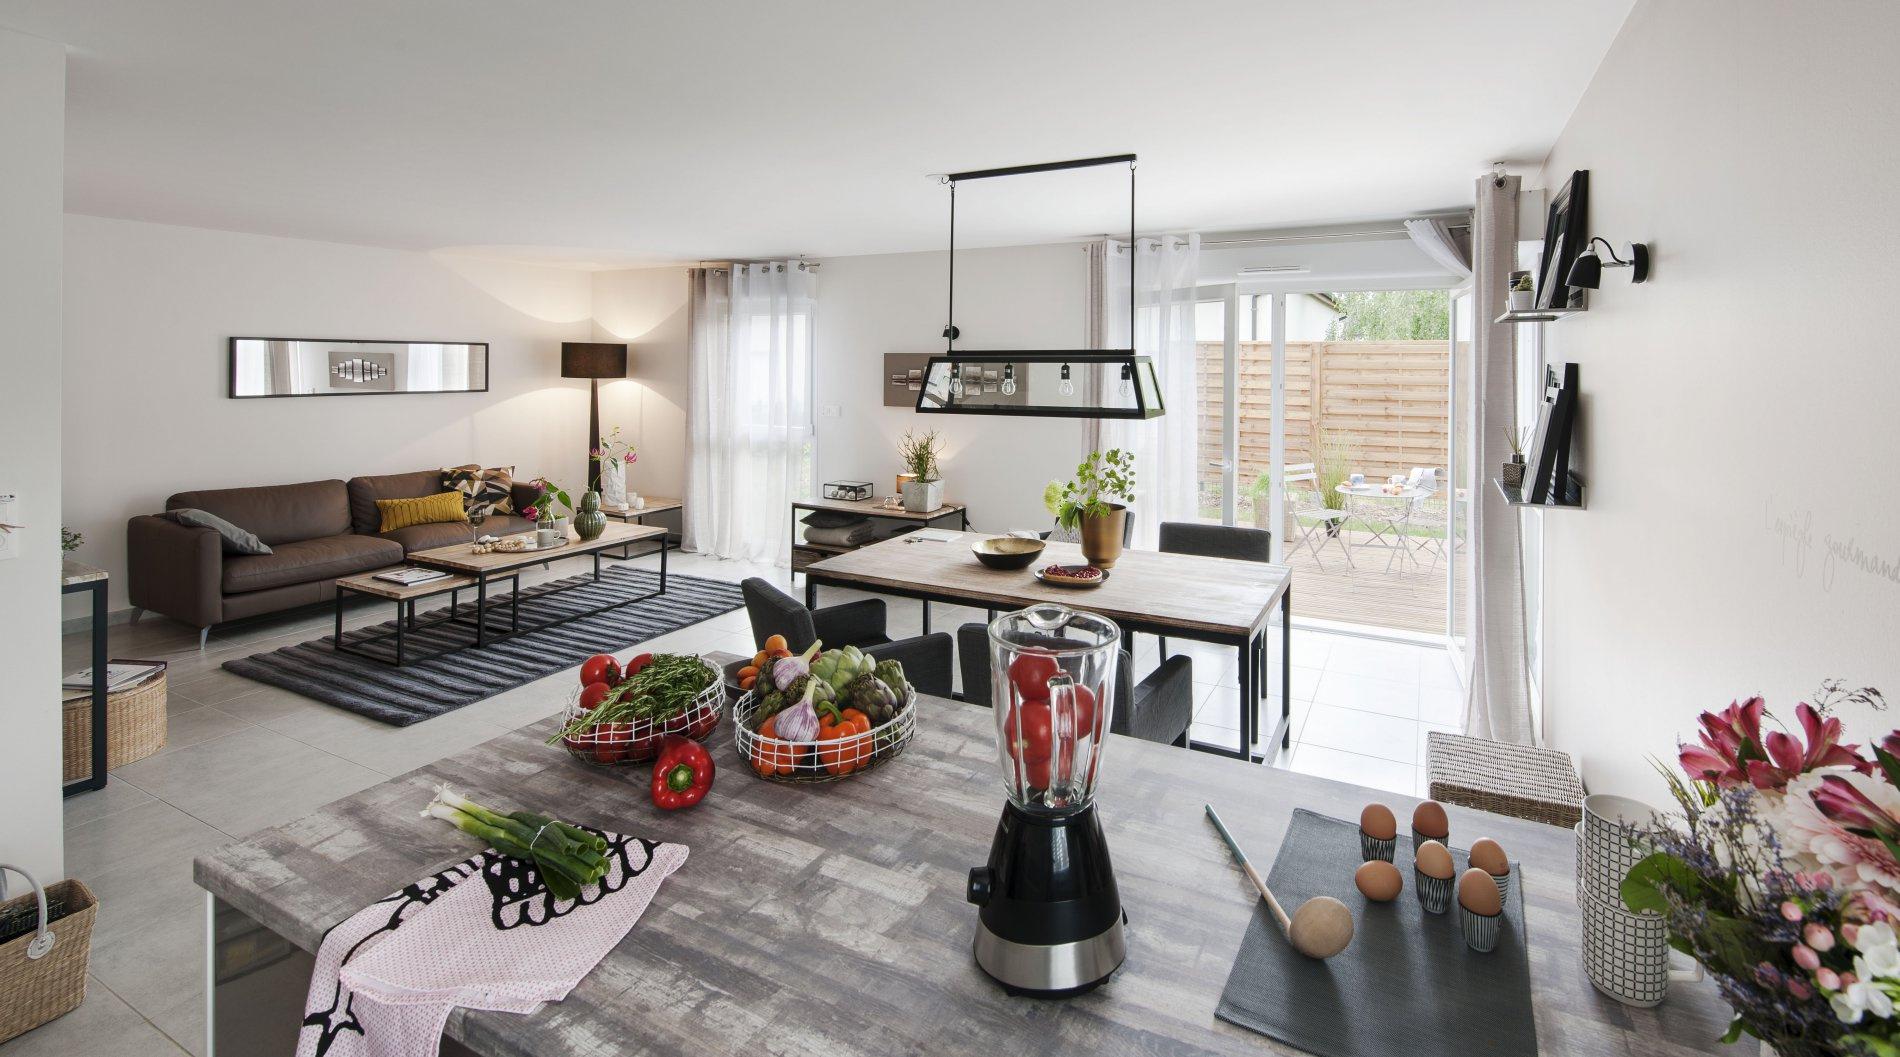 Vente appartement avec terrasse et jardin for Appartement avec terrasse